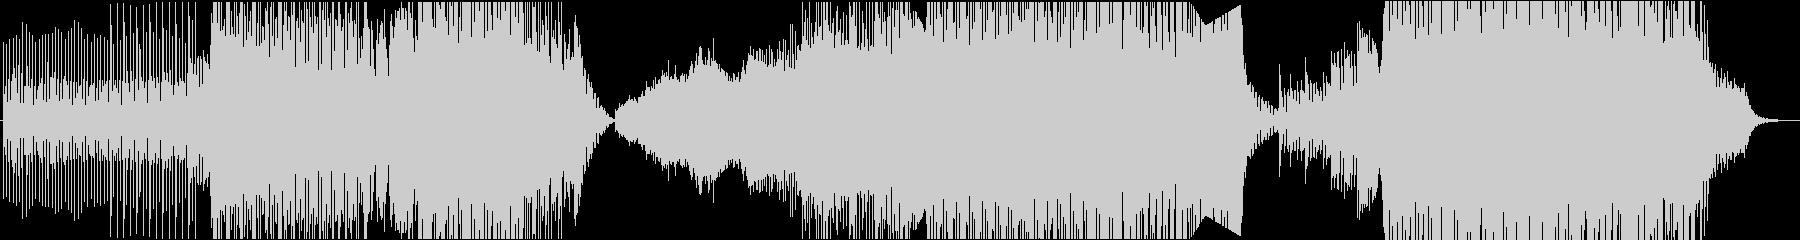 トランスBGM、EDM、ダンスフロアの未再生の波形